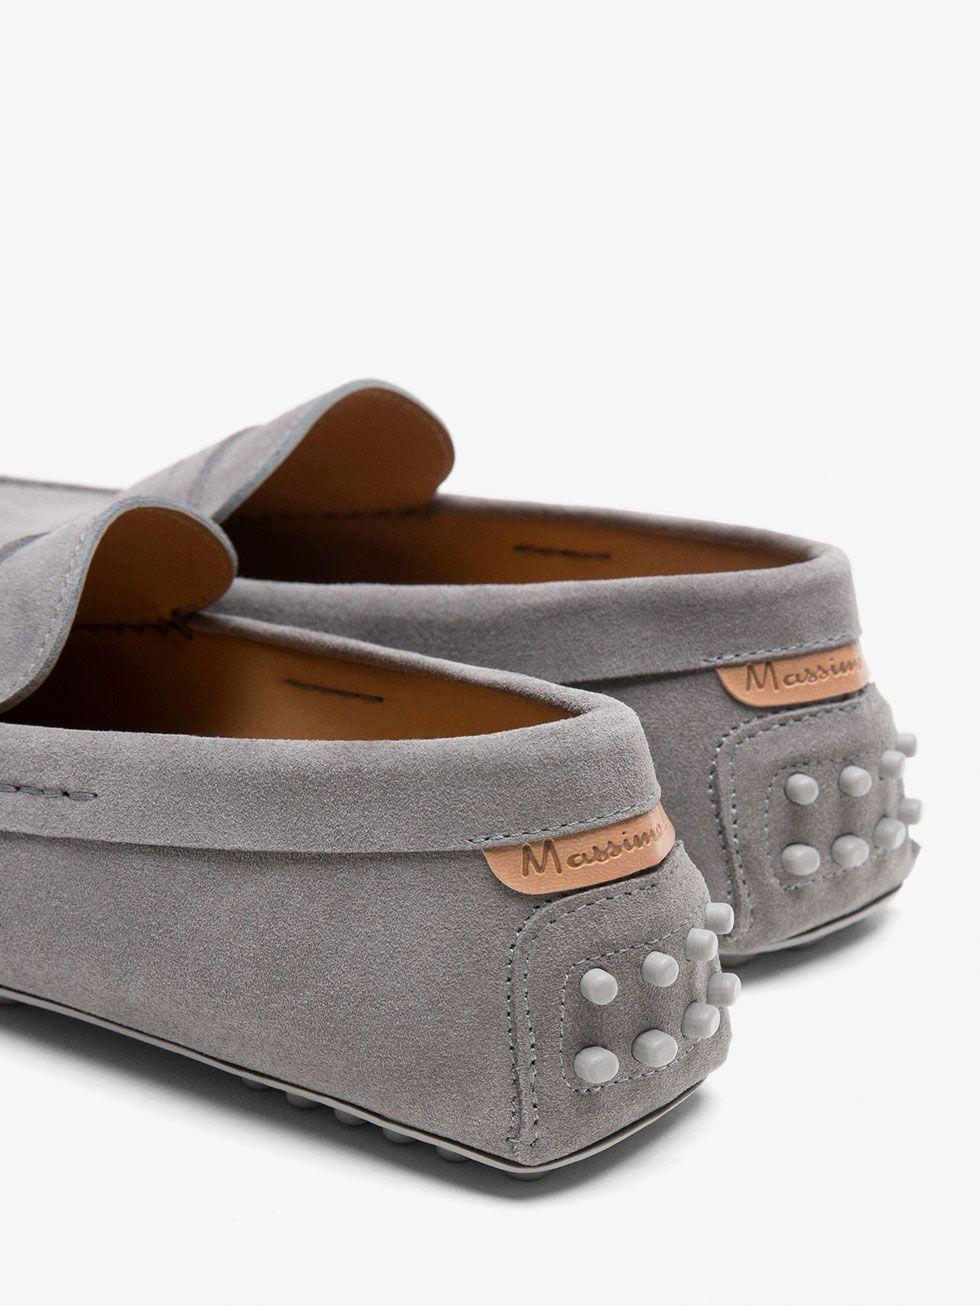 06c763102ad18 MOCASIN KIOWA PIEL GRIS ANTIFAZ de HOMBRE - Zapatos - Ver todo de Massimo  Dutti de Primavera Verano 2017 por 69.95. ¡Elegancia natural!